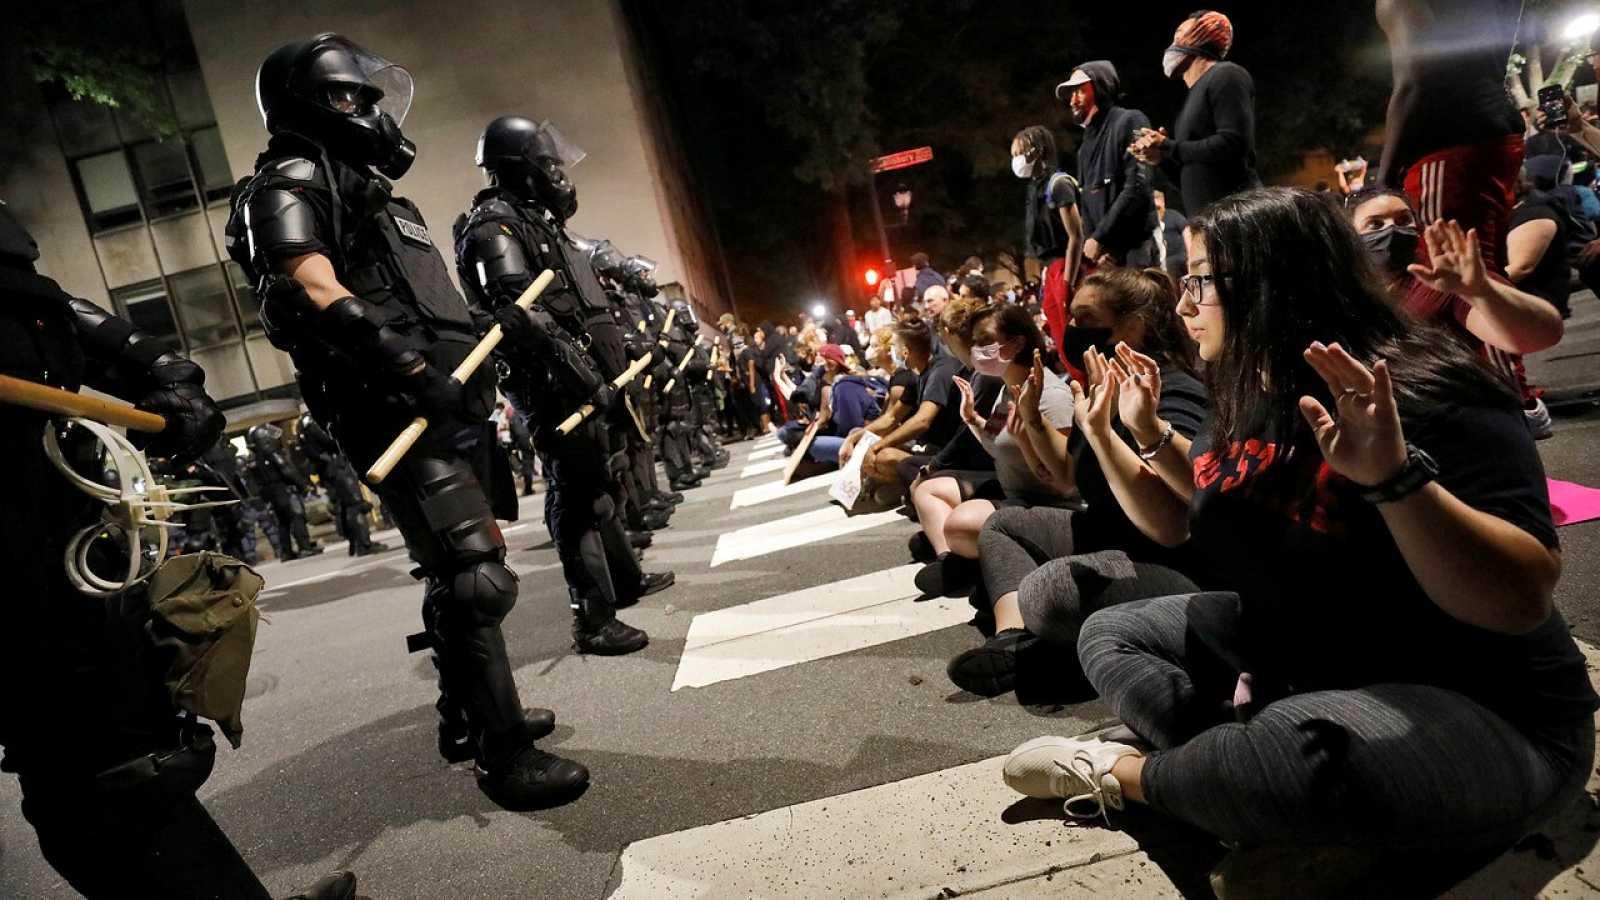 Continúan las protestas en EE.UU. una semana después de la muerte de George Floyd